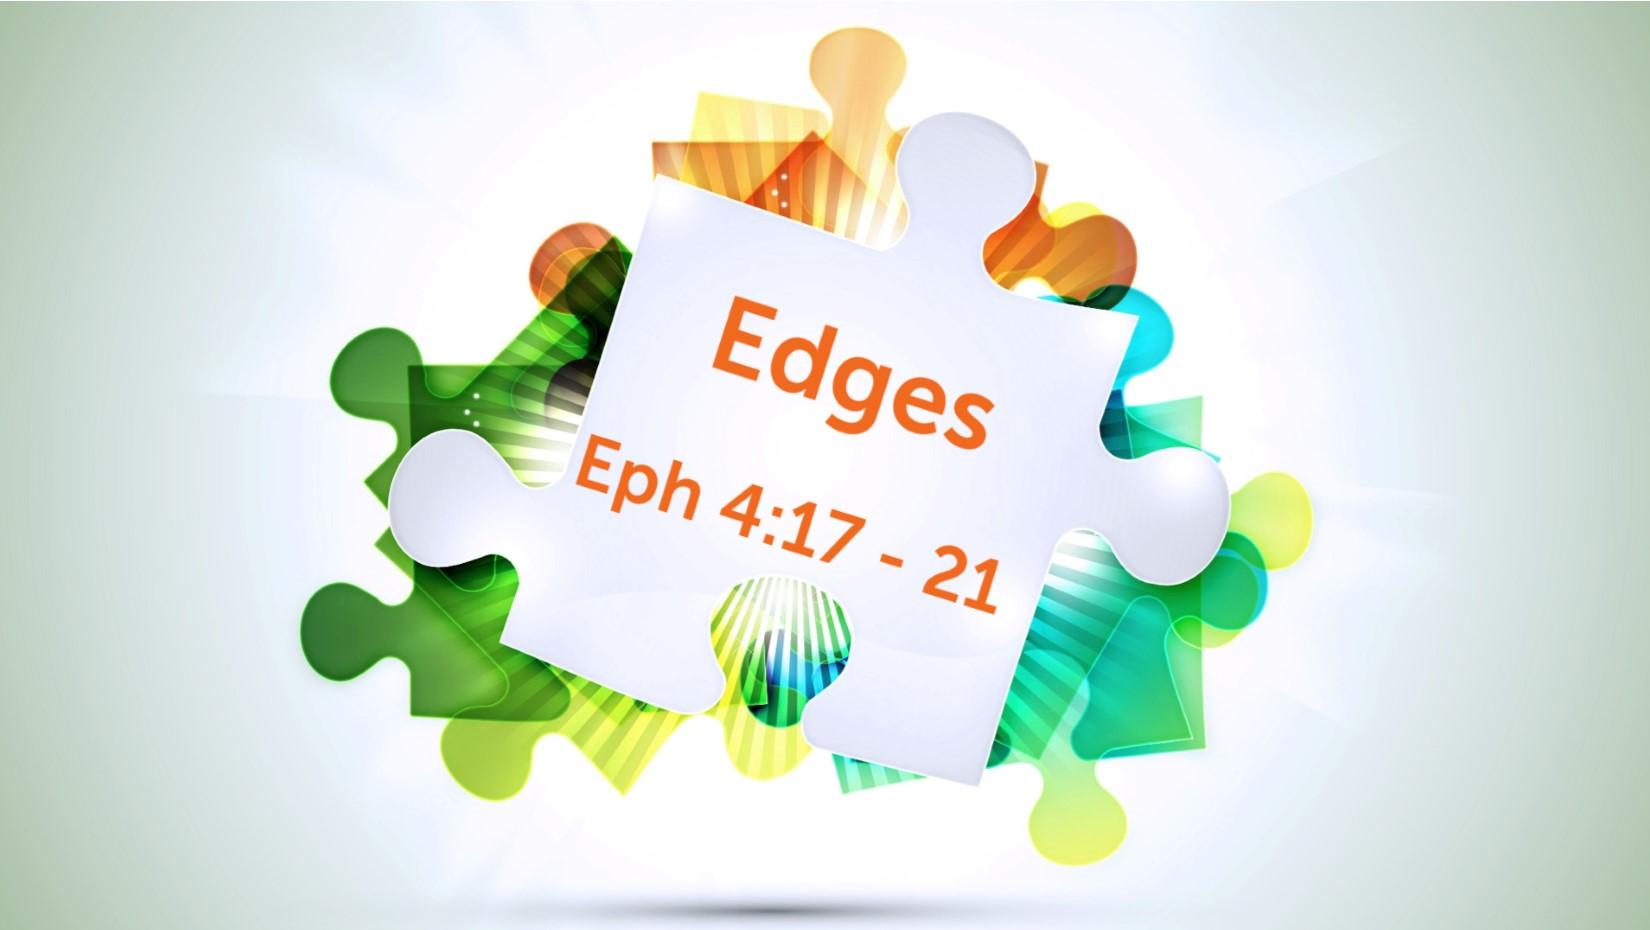 06.14.2020 Edges